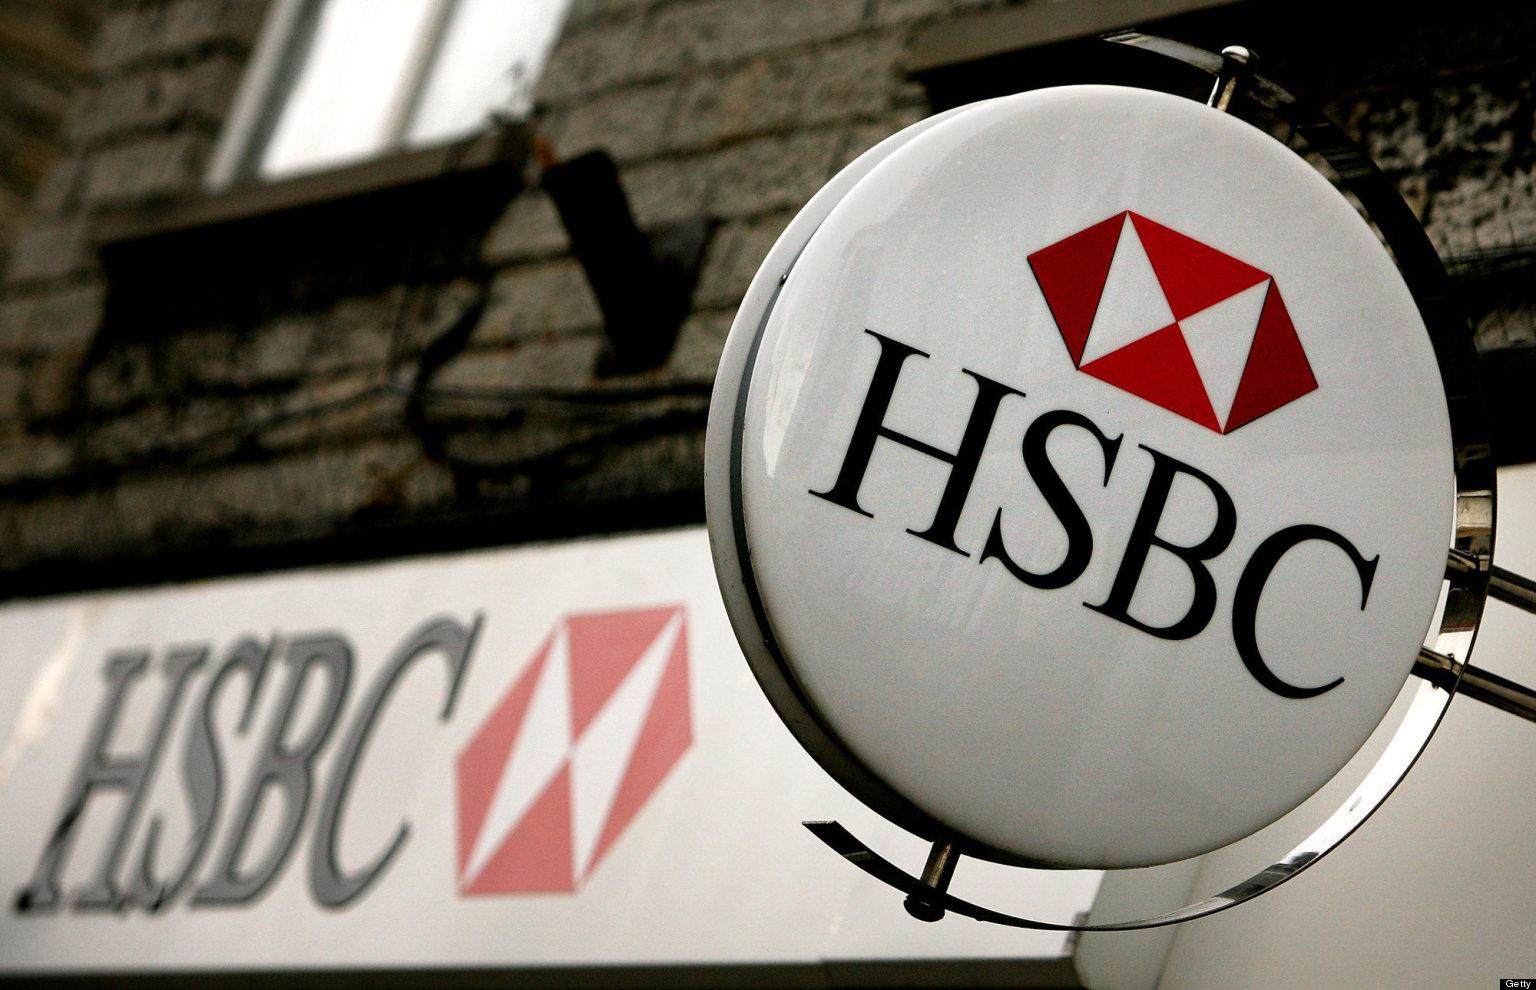 HSBC. Ակնկալիքները և վստահությունը նոր տեխնոլոգիաների հանդեպ